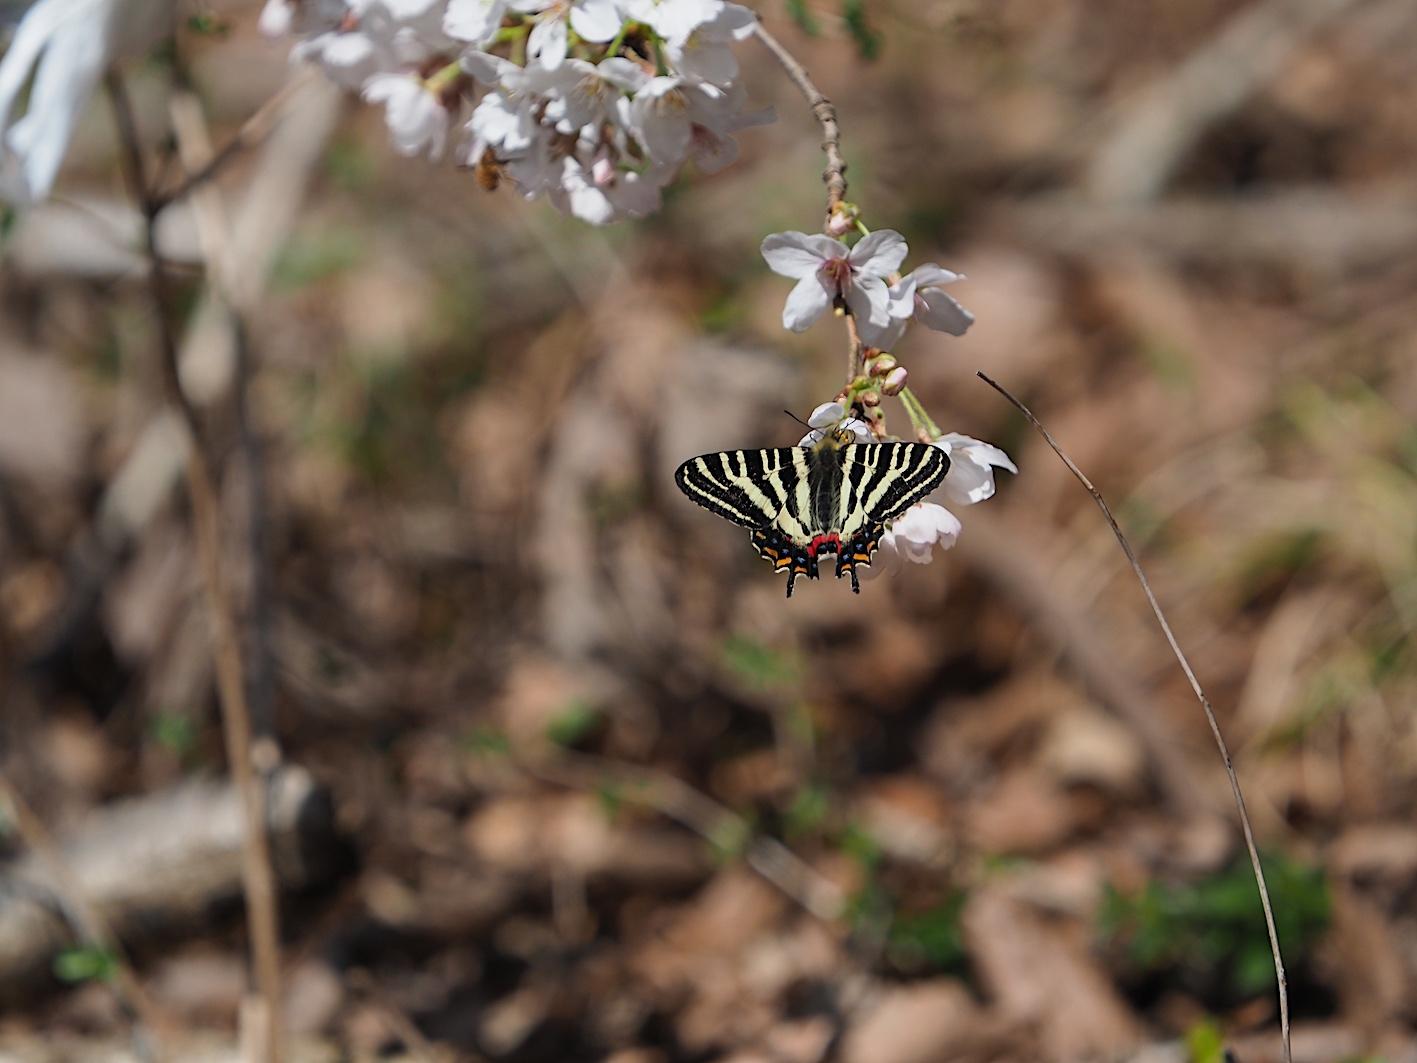 春の女神ギフチョウ、卵も撮れた午前の部(2020年3月31日)_d0303129_02590115.jpg